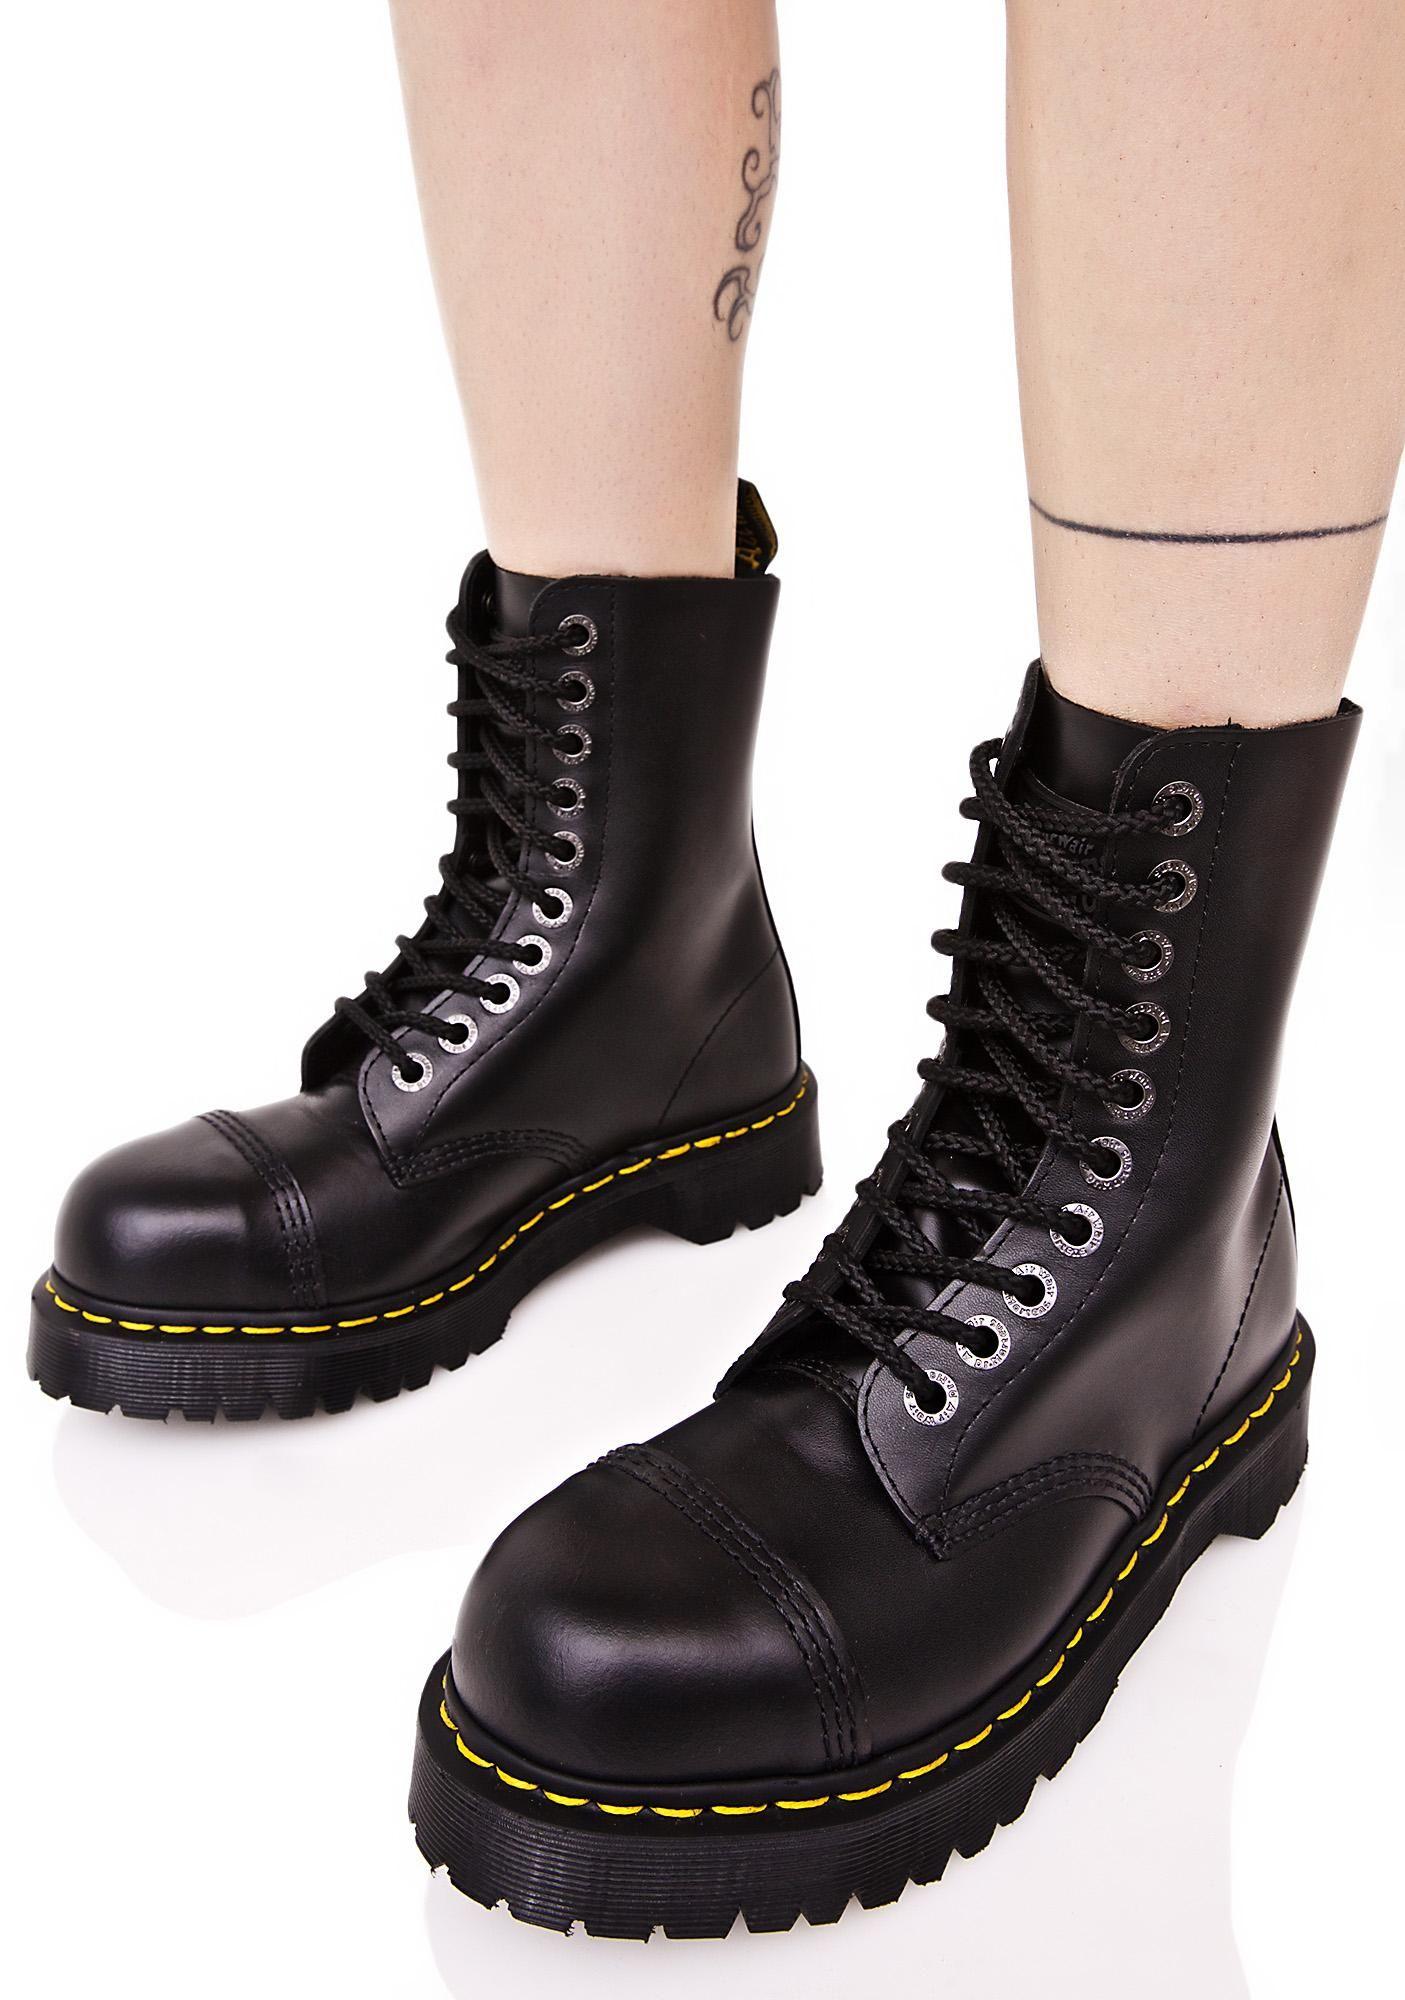 sklep dyskontowy szczegółowe zdjęcia najlepsze trampki 8761 BXB Boots | Clothing. | Boots, Dr martens boots, Grunge ...